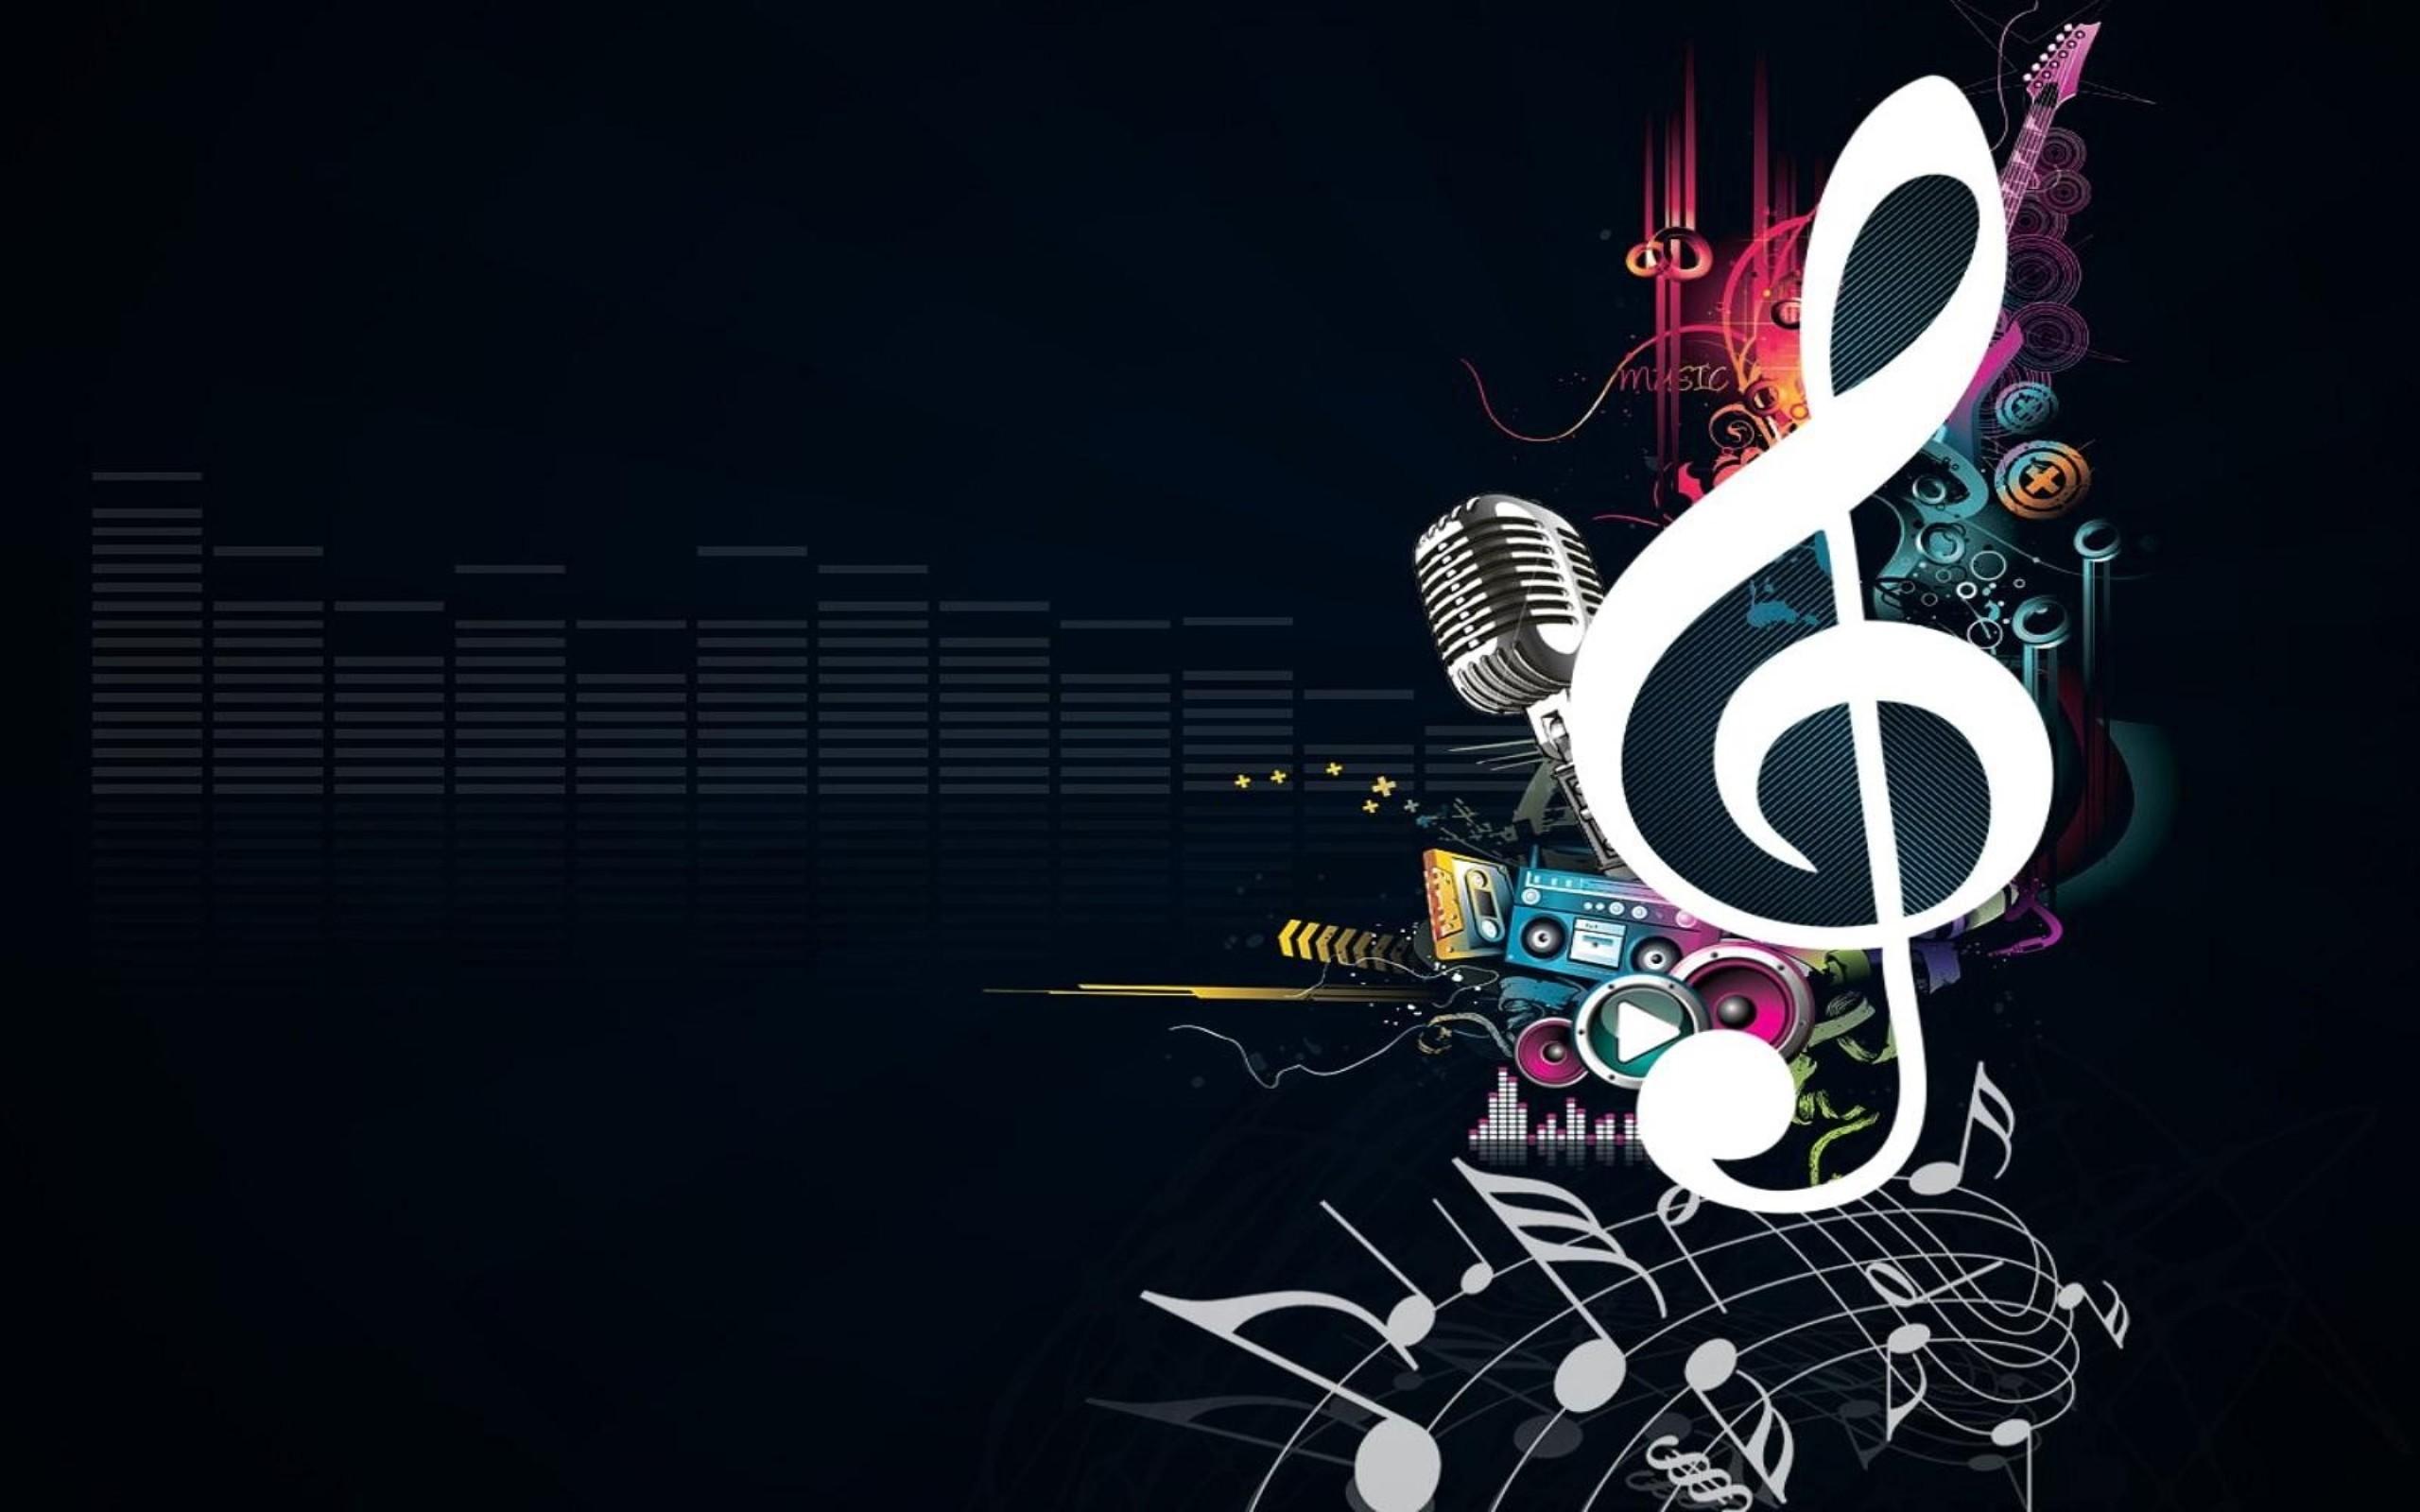 Cool art wallpapers wallpapertag - Wallpaper artist music ...